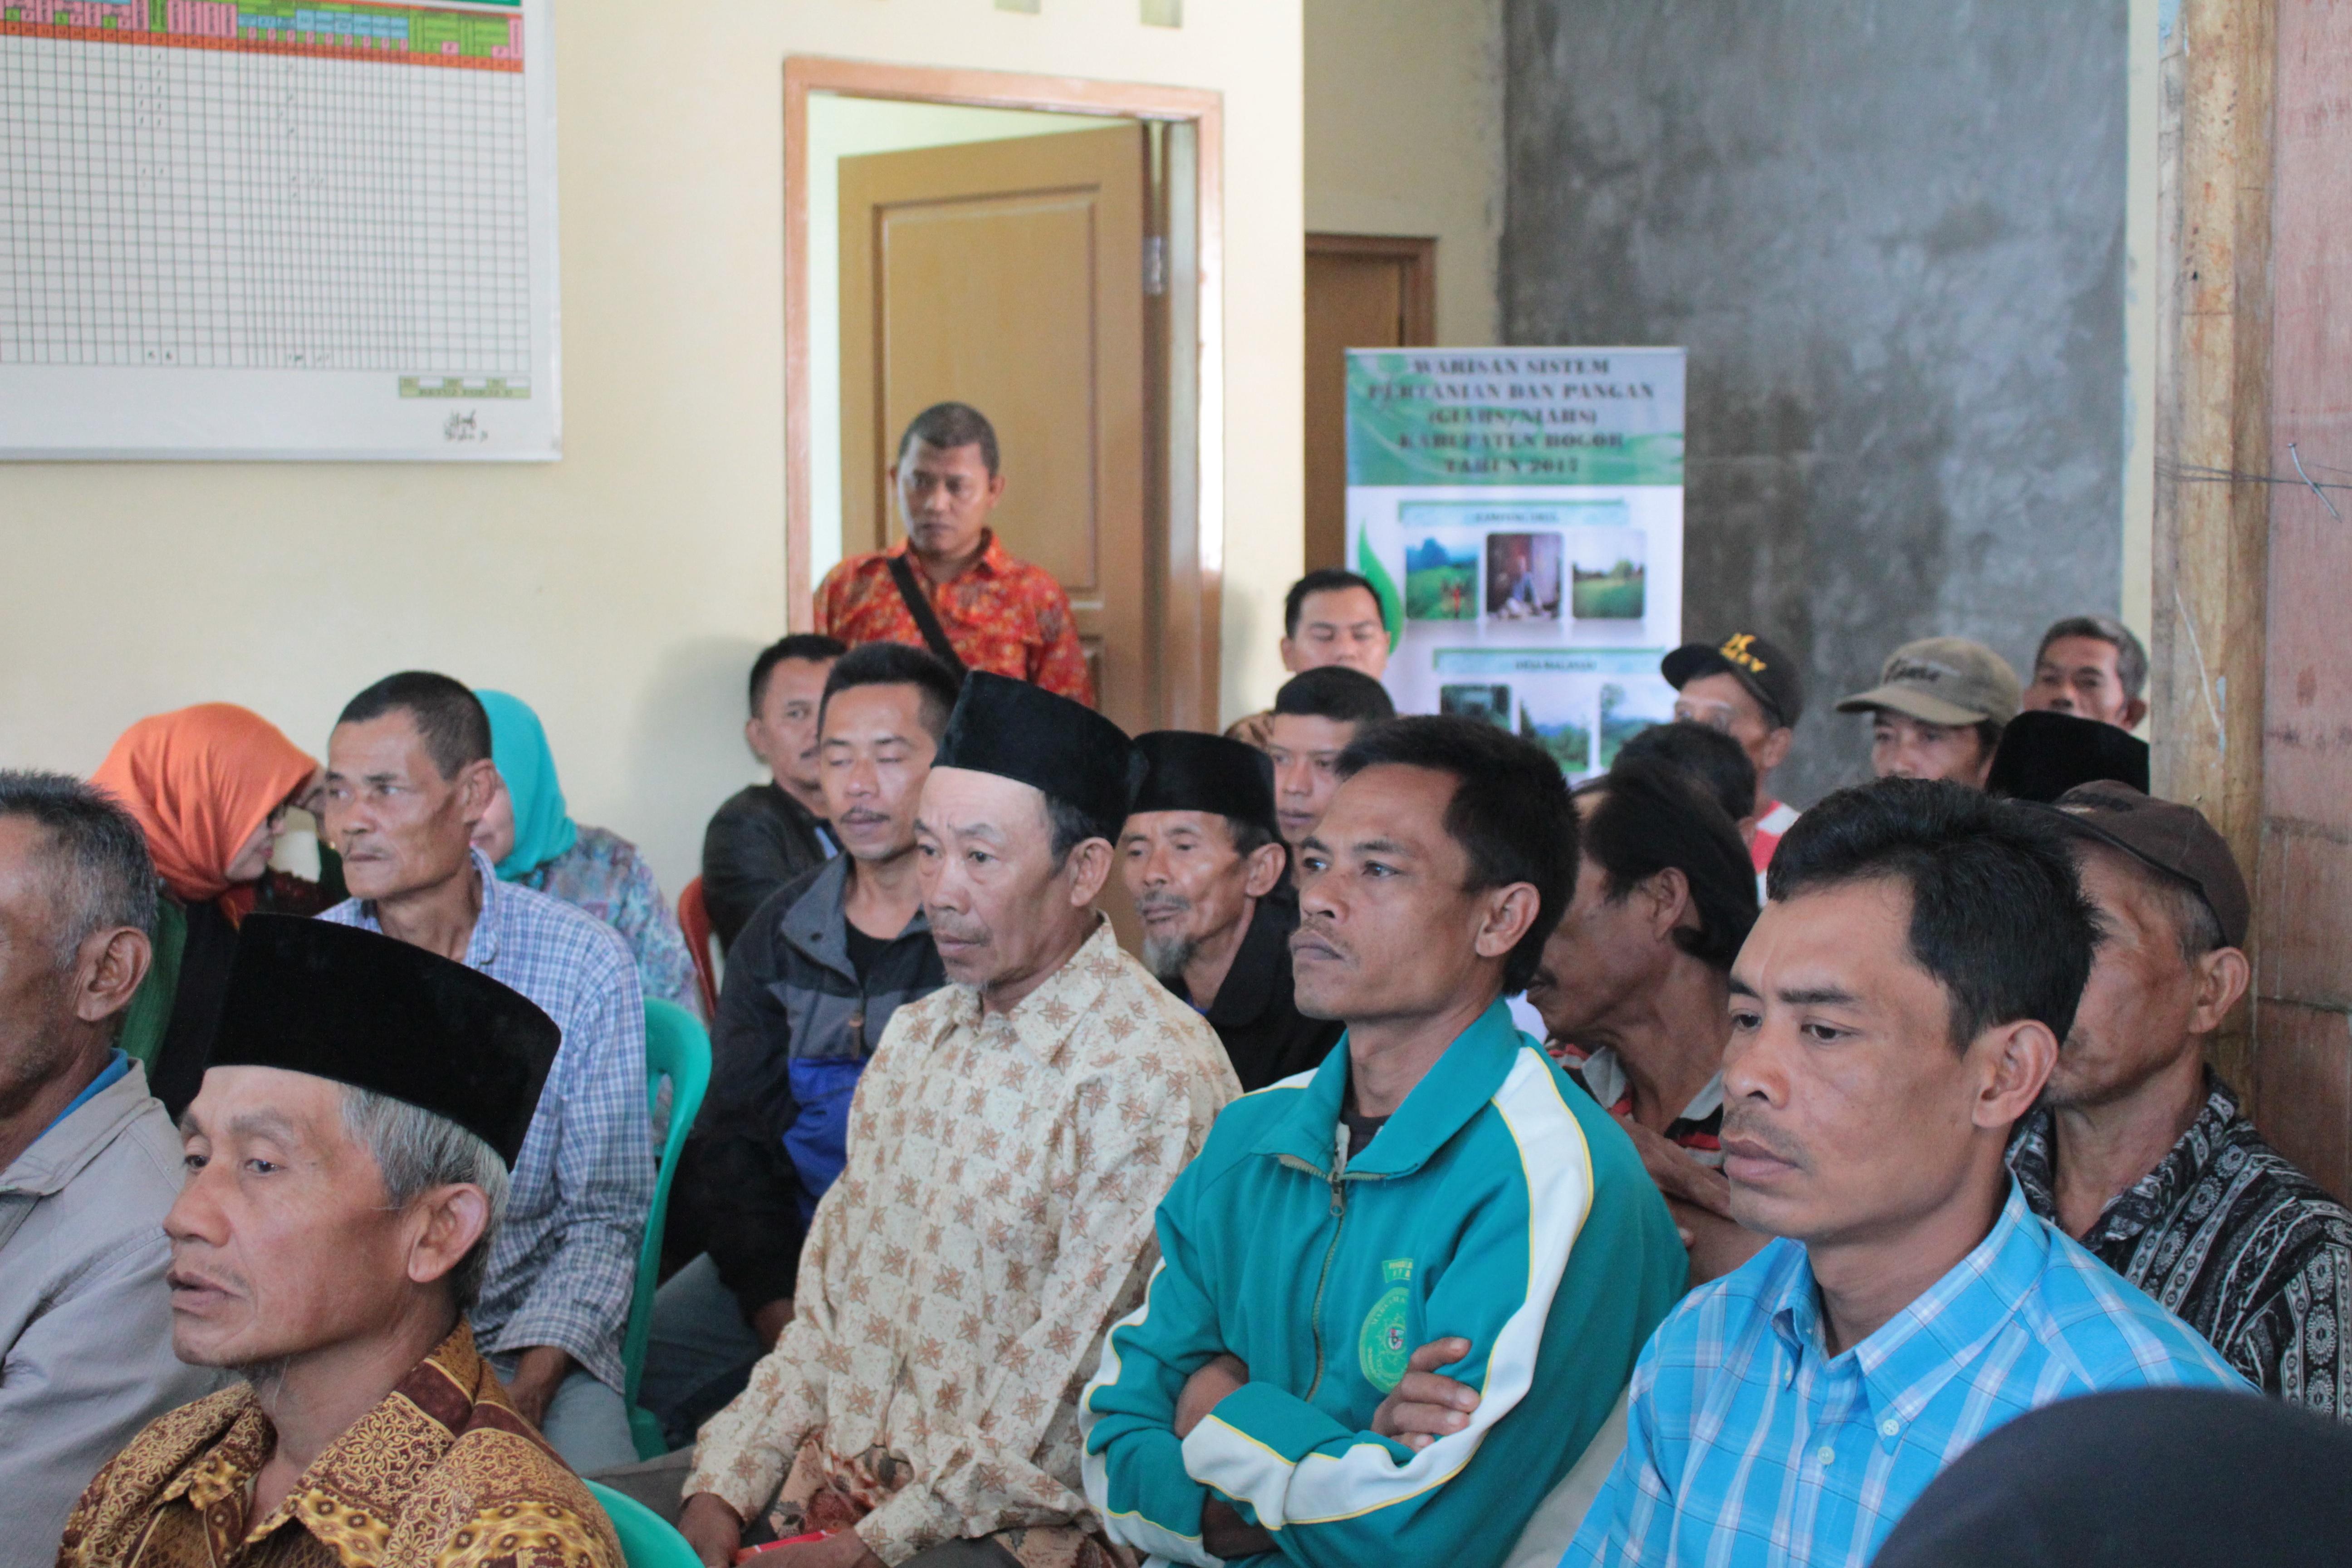 Antusias Peserta Sosialisasi Pembinaan Warisan Sistem Pertanian dan Pangan (GIAHS/NIAHS) yang dilaksanakan di Desa Malasari